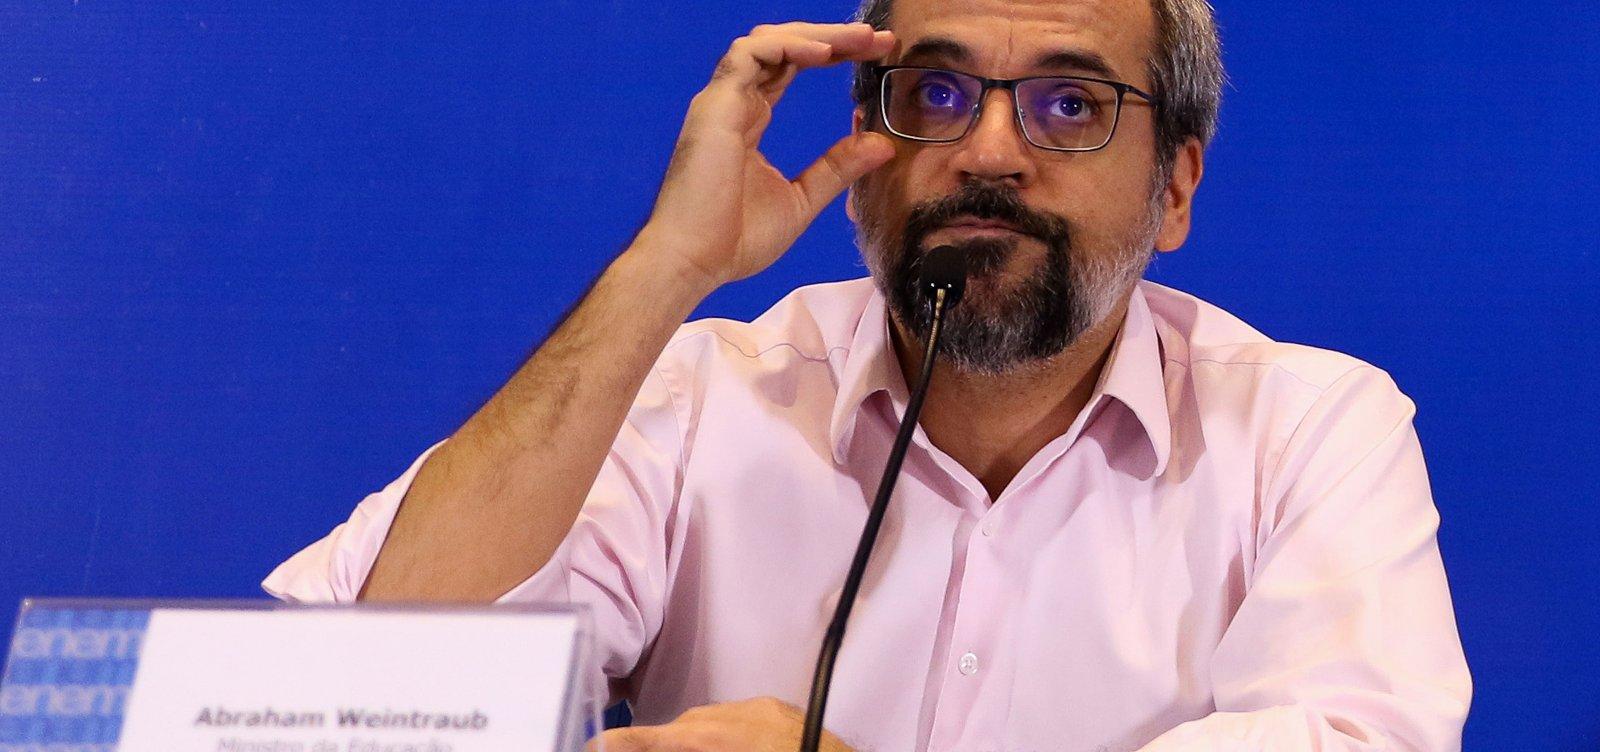 Ministro da Educação diz que feriado da República é 'infâmia contra Pedro II'